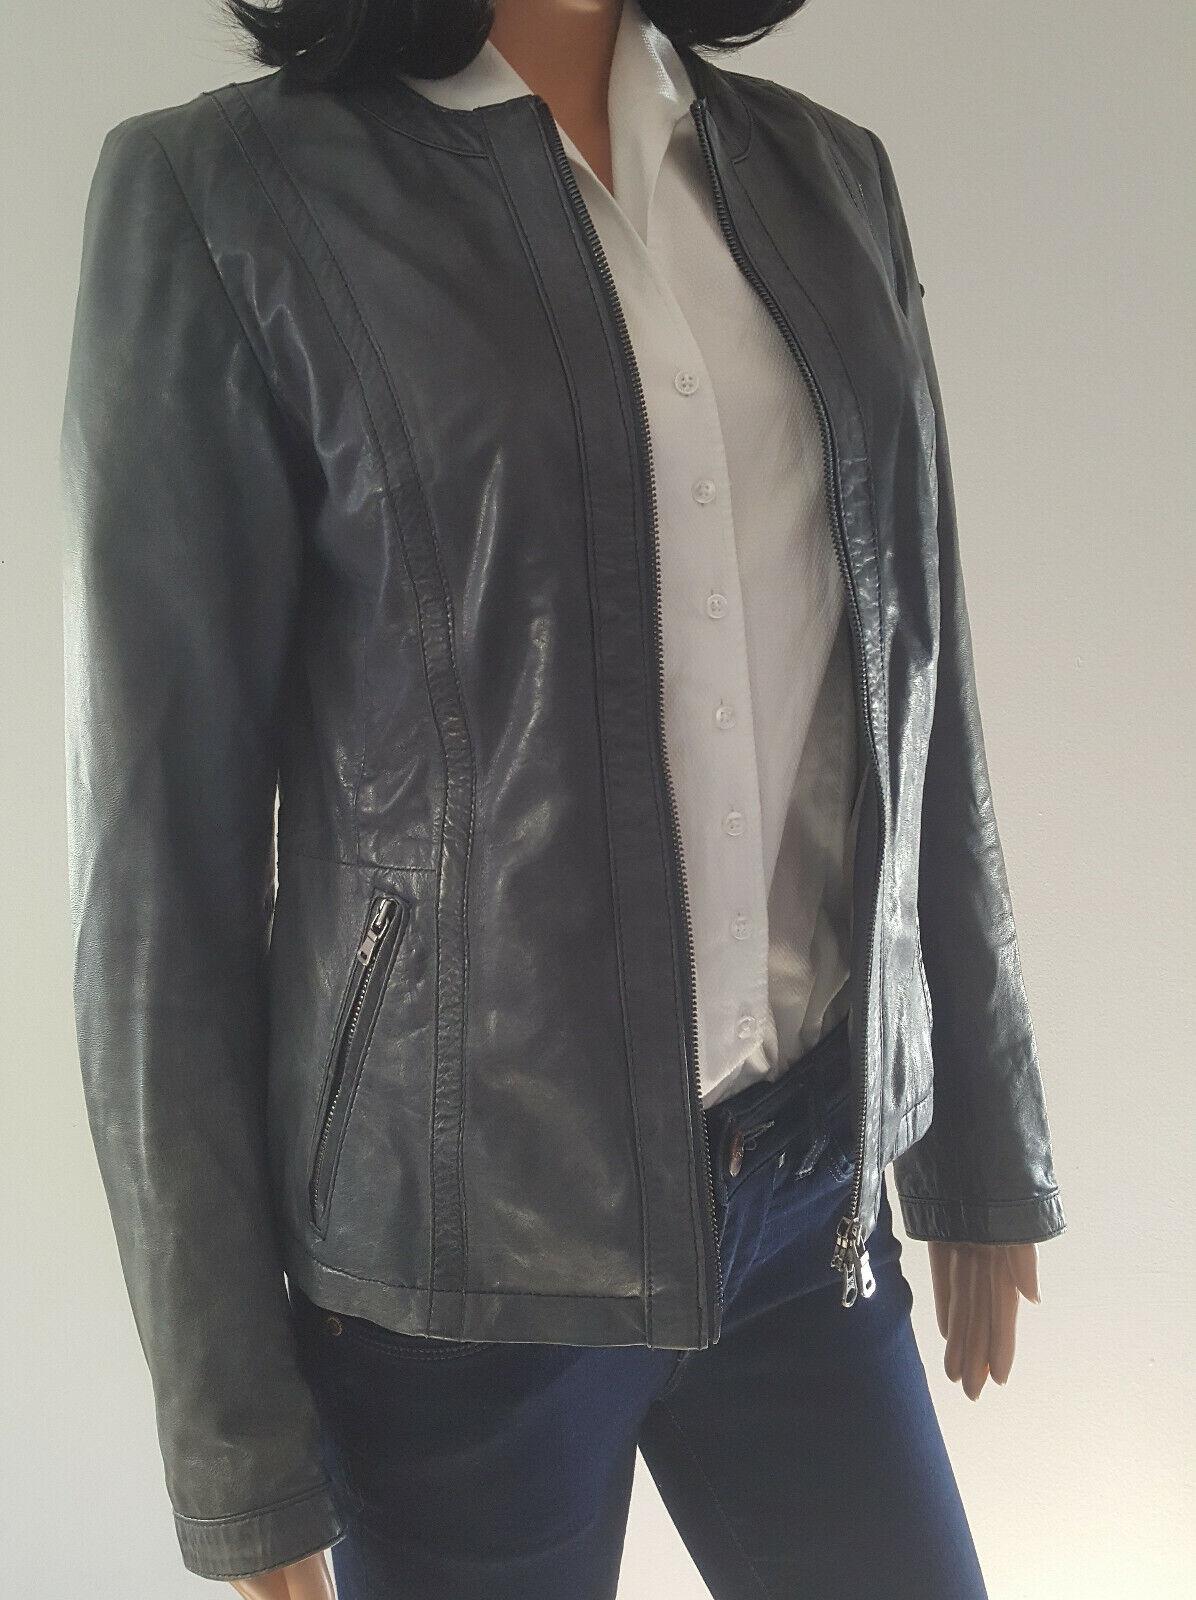 Lederjacke Damen Lloyd blau - grau Größe 38